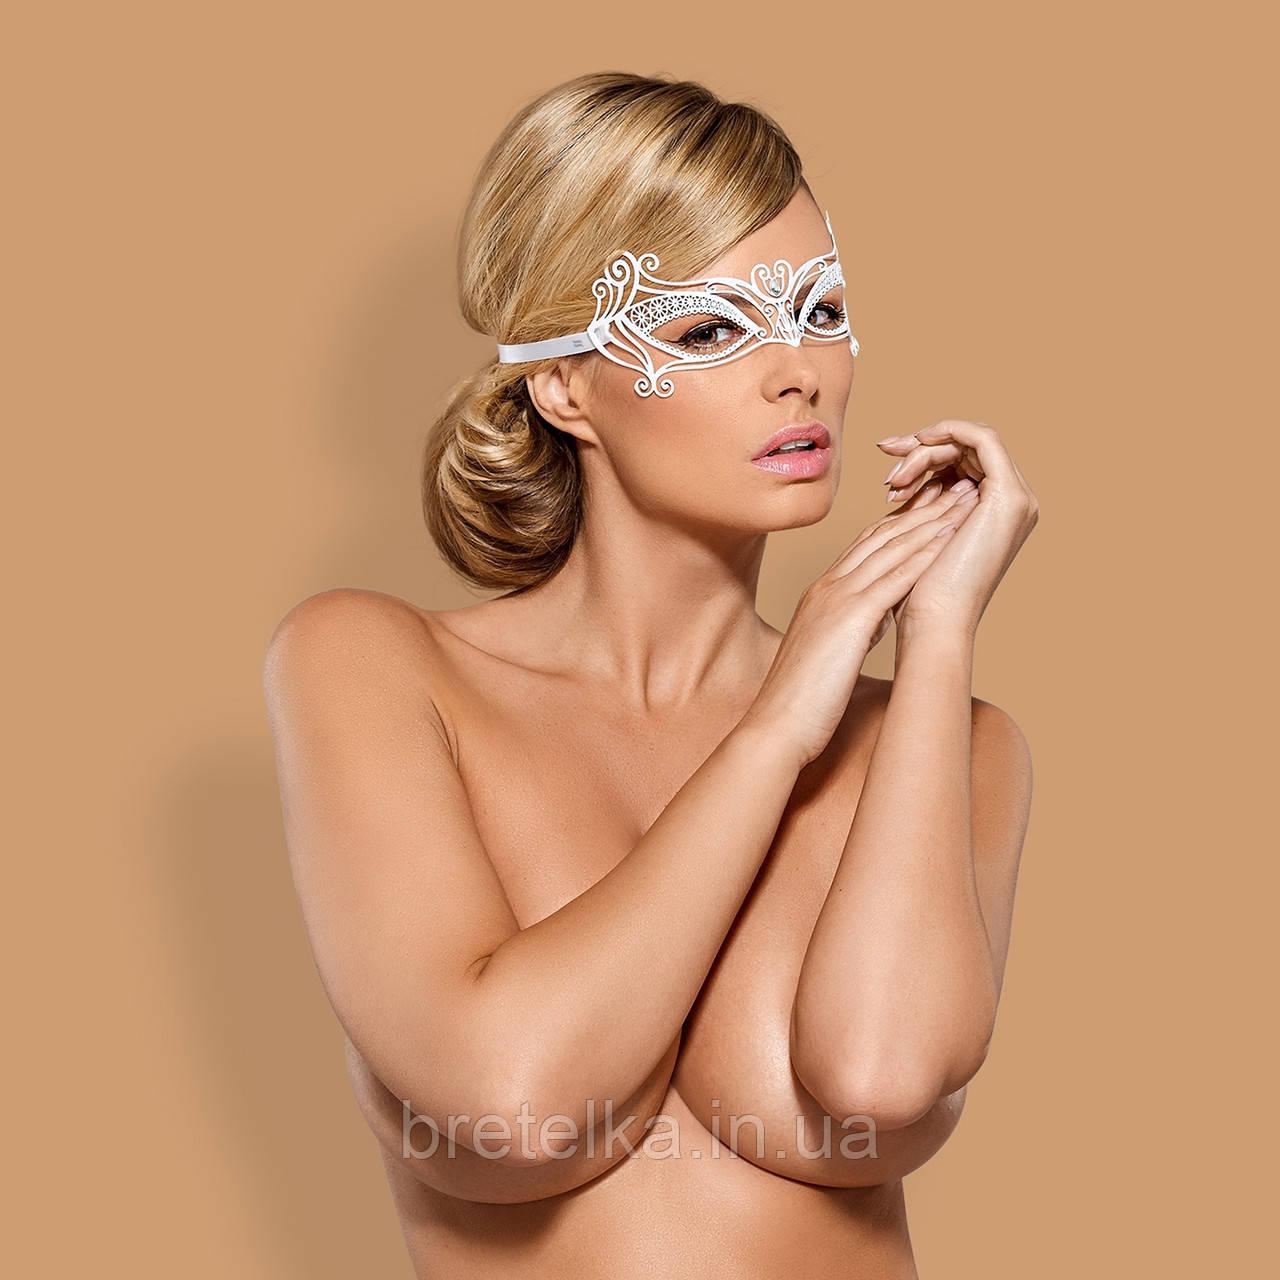 Кружевная маска Obsessive A703 MASK Белый